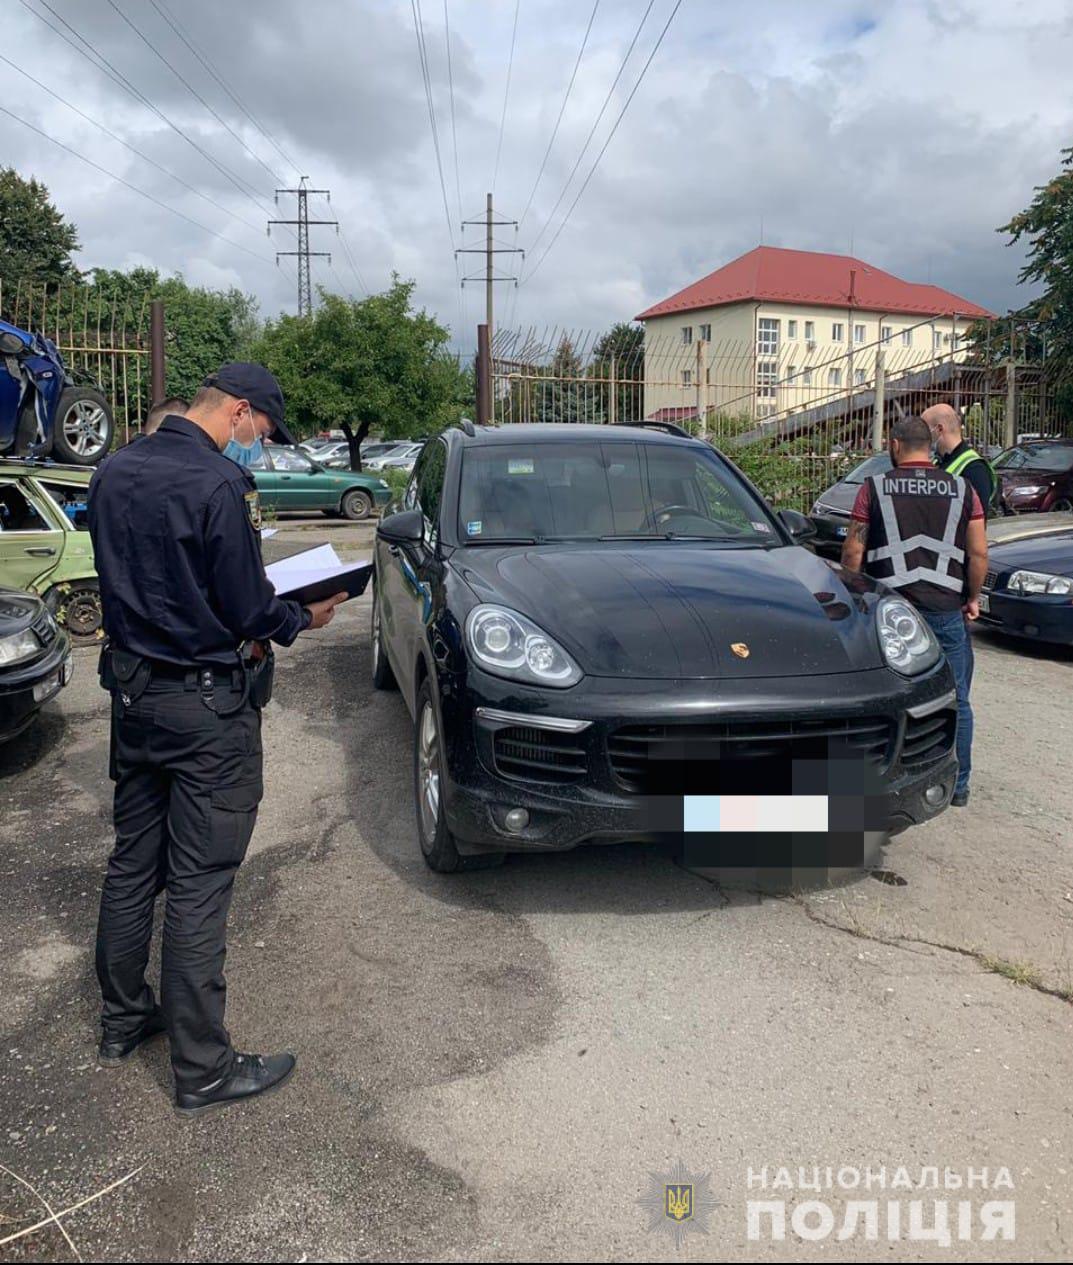 Автомобіль, що розшукувався як викрадений в Словаччині, виявили поліцейські в Ужгороді. Правоохоронці вже повідомили про знахідку ініціаторів розшуку.